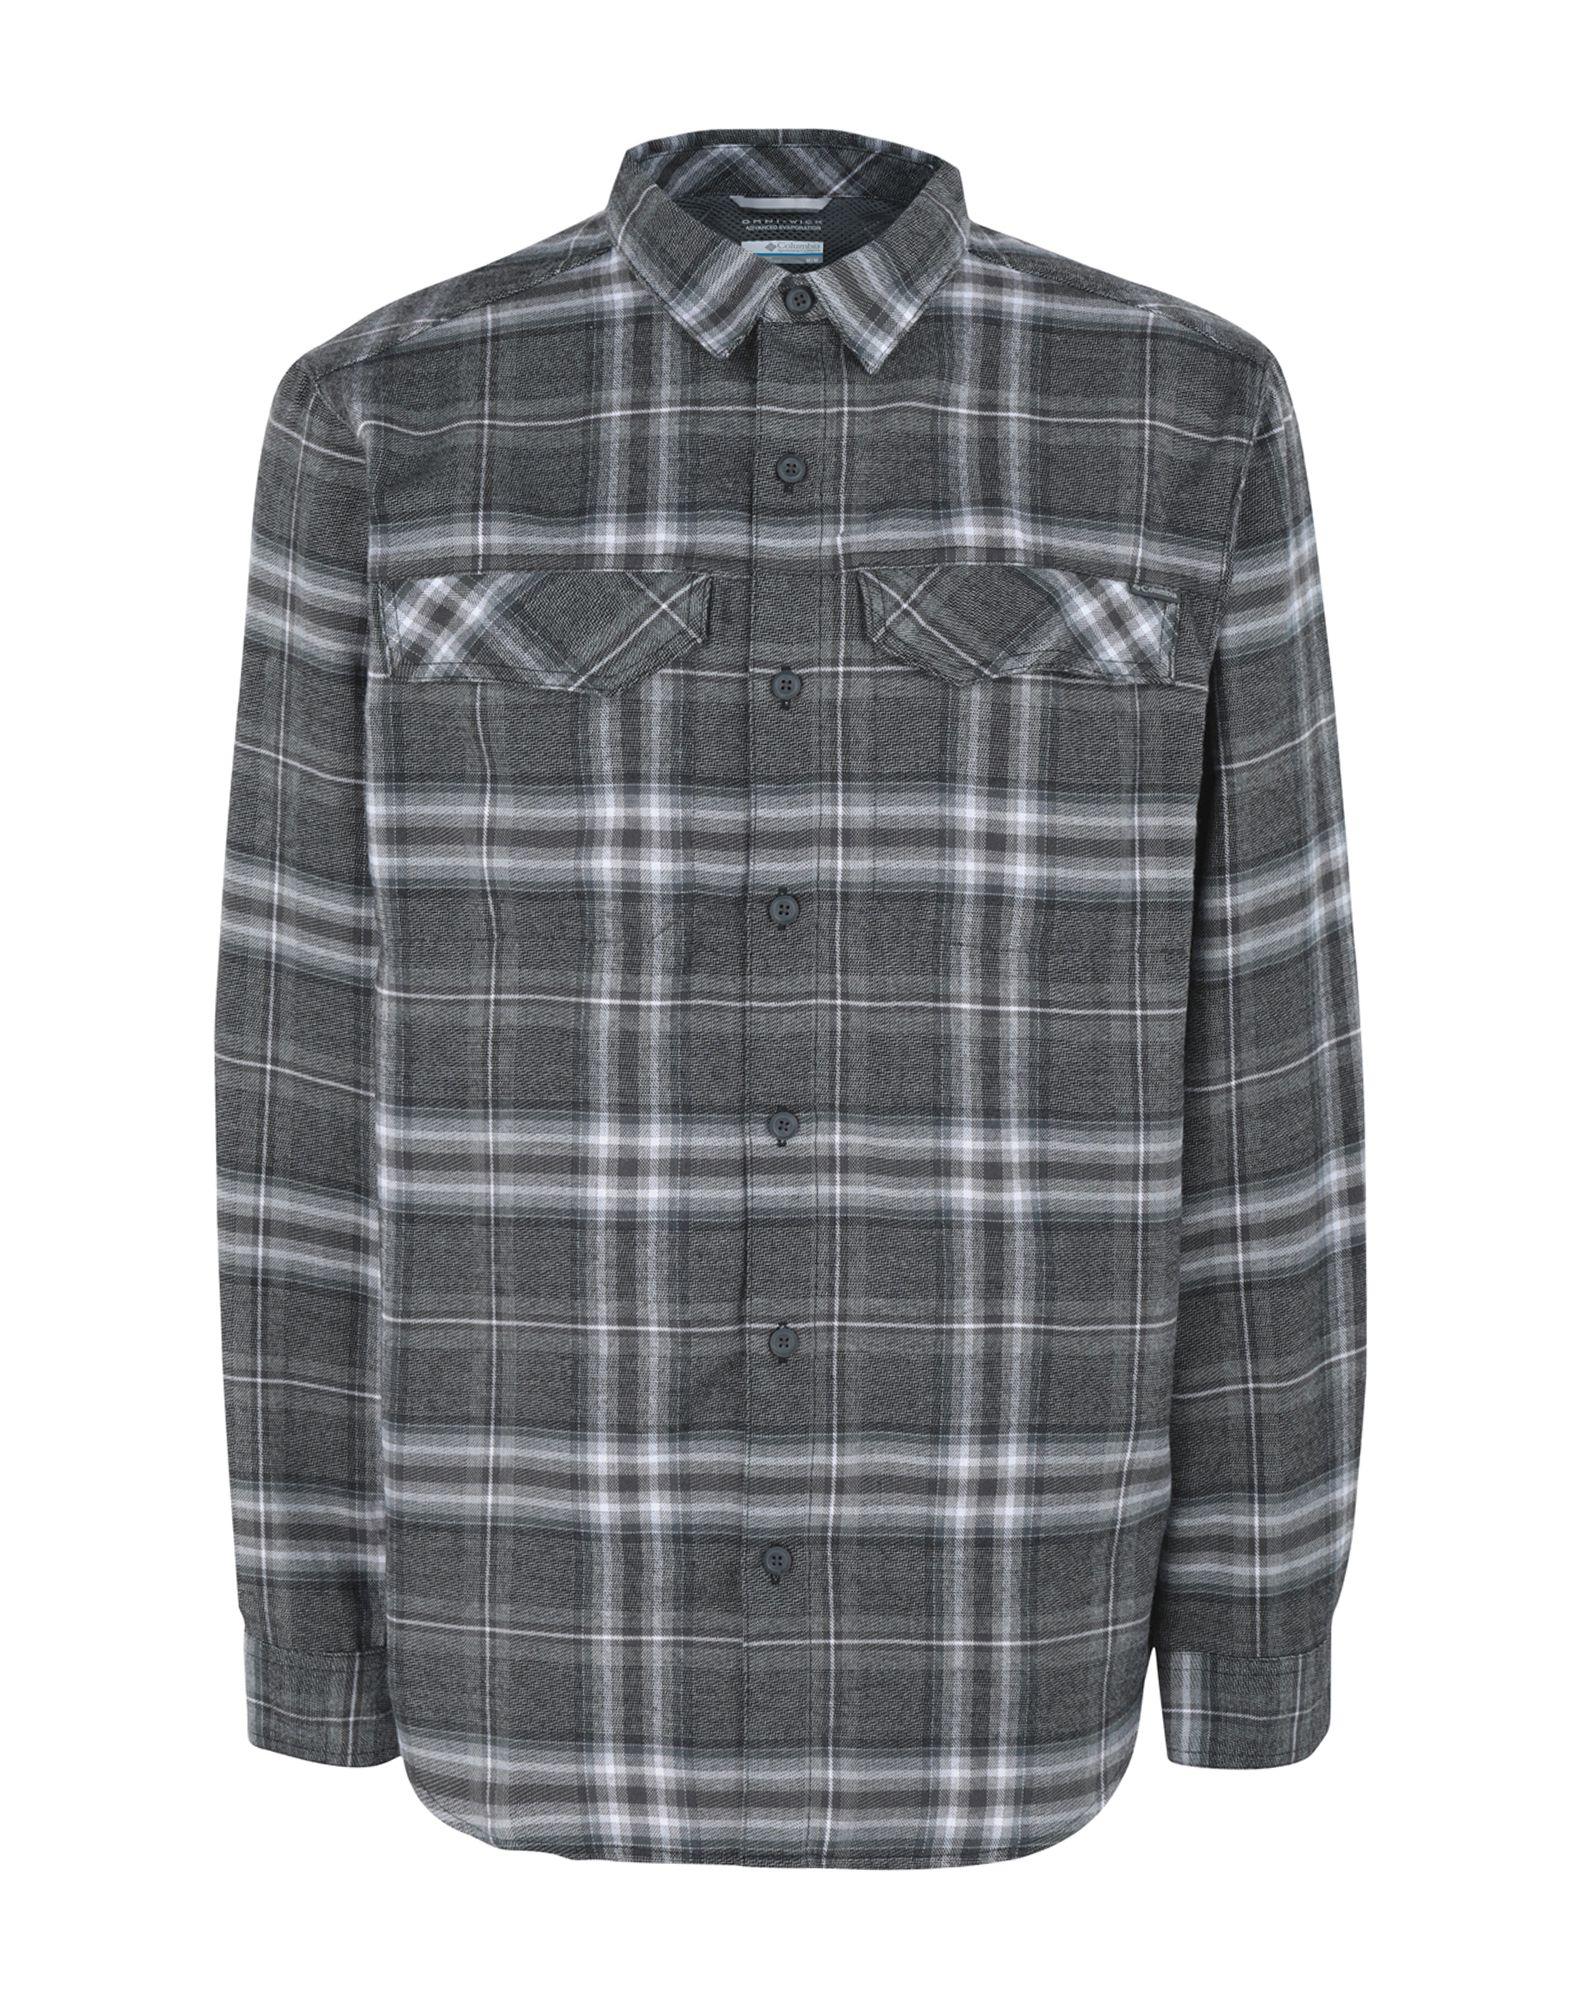 《期間限定セール中》COLUMBIA メンズ シャツ グレー S ポリエステル 100% Silver Ridge Flannel